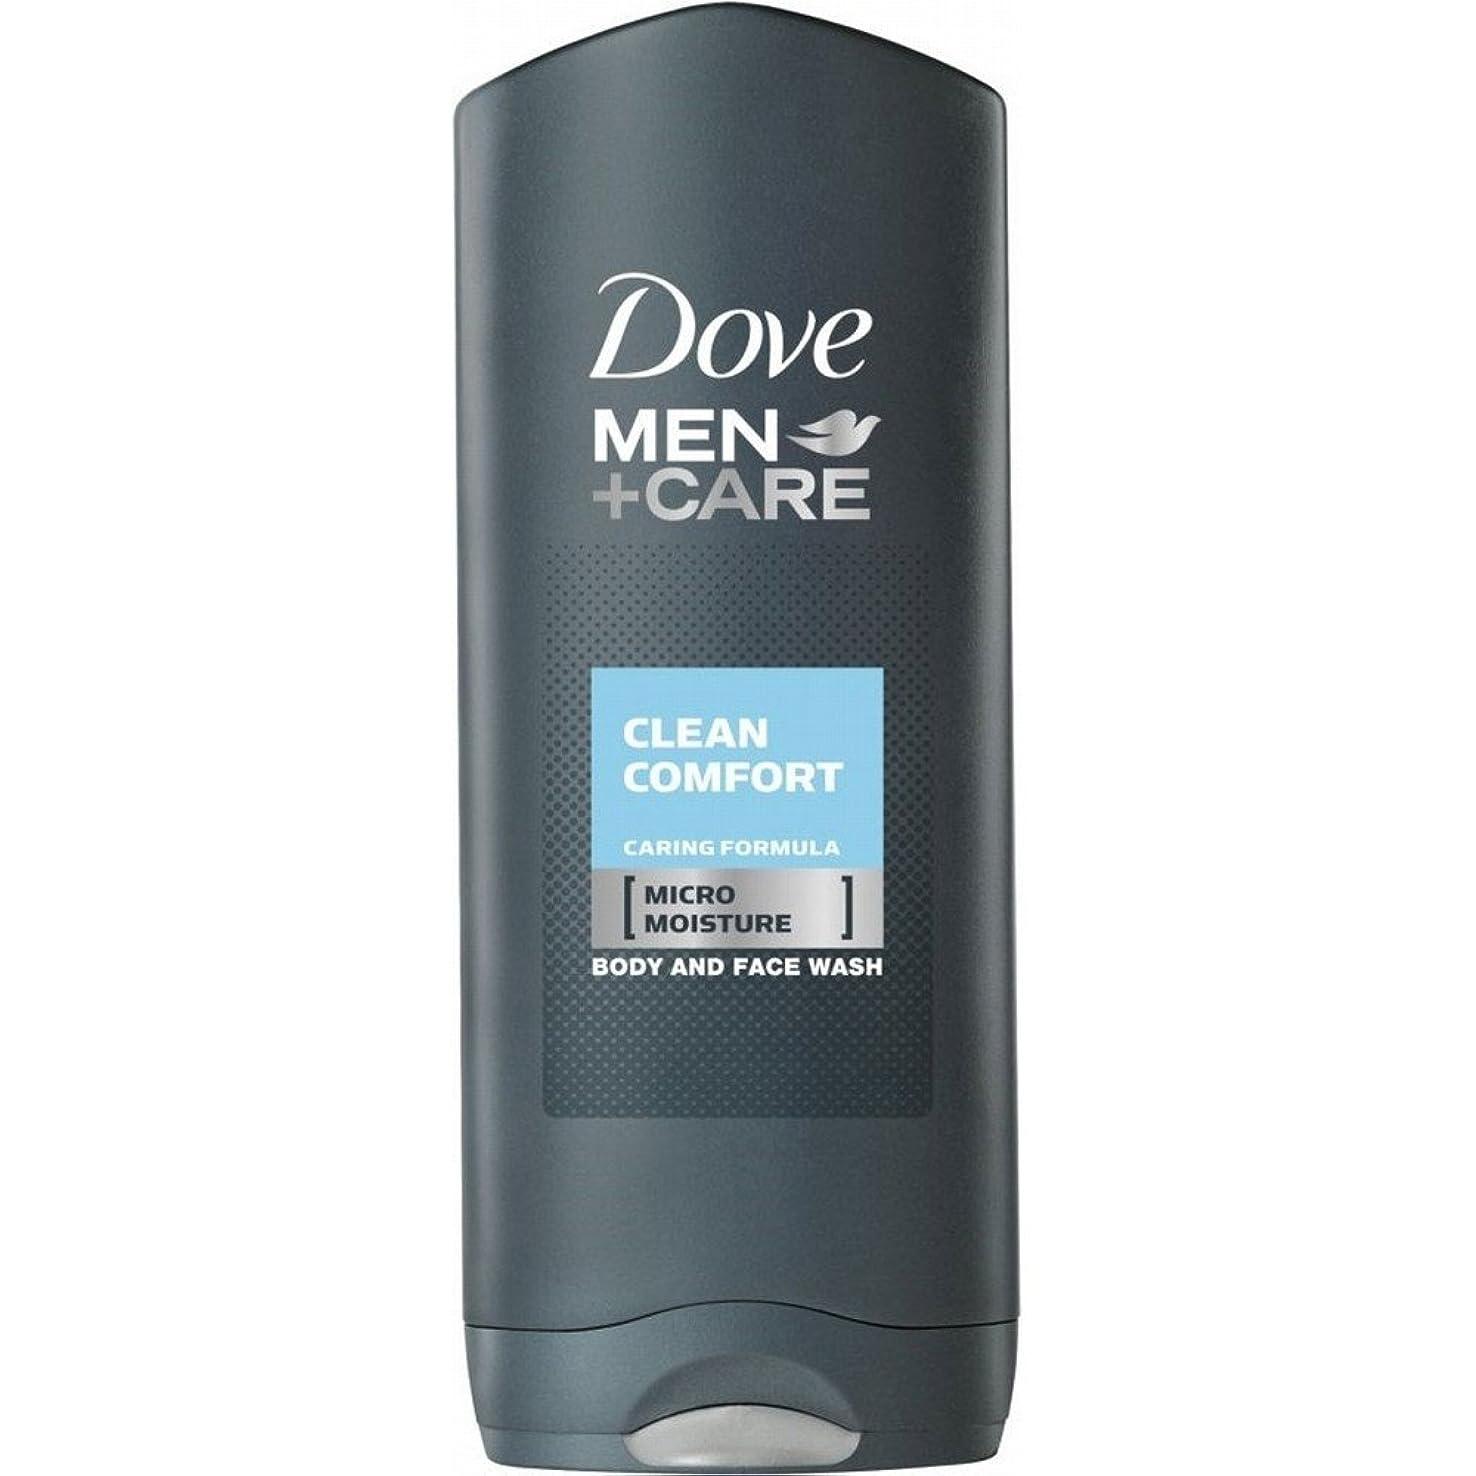 驚いたことに引き出す温度計Dove Men + Care Body & Face Wash - Clean Comfort (400ml) 鳩の男性は体と顔の洗浄ケア+ - きれいな快適さ( 400ミリリットル)を [並行輸入品]